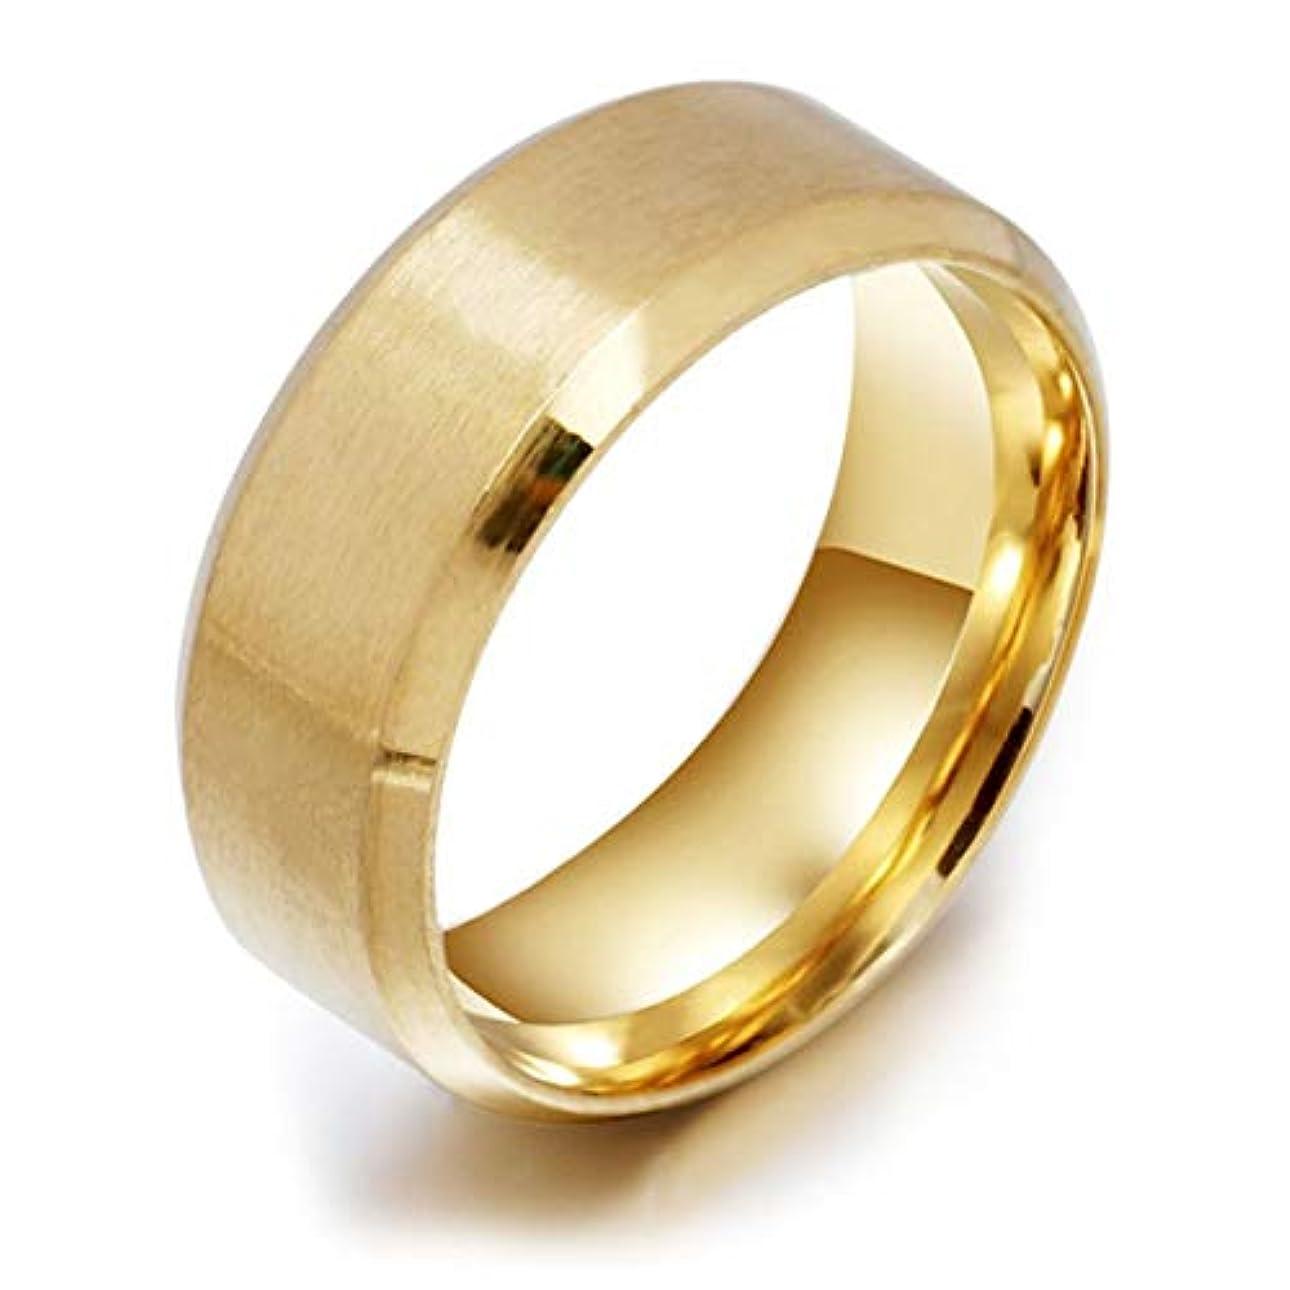 小学生証言する機密ステンレス鋼の医療指リング磁気減量リング男性のための高いポーランドのファッションジュエリー女性リング-ゴールド10